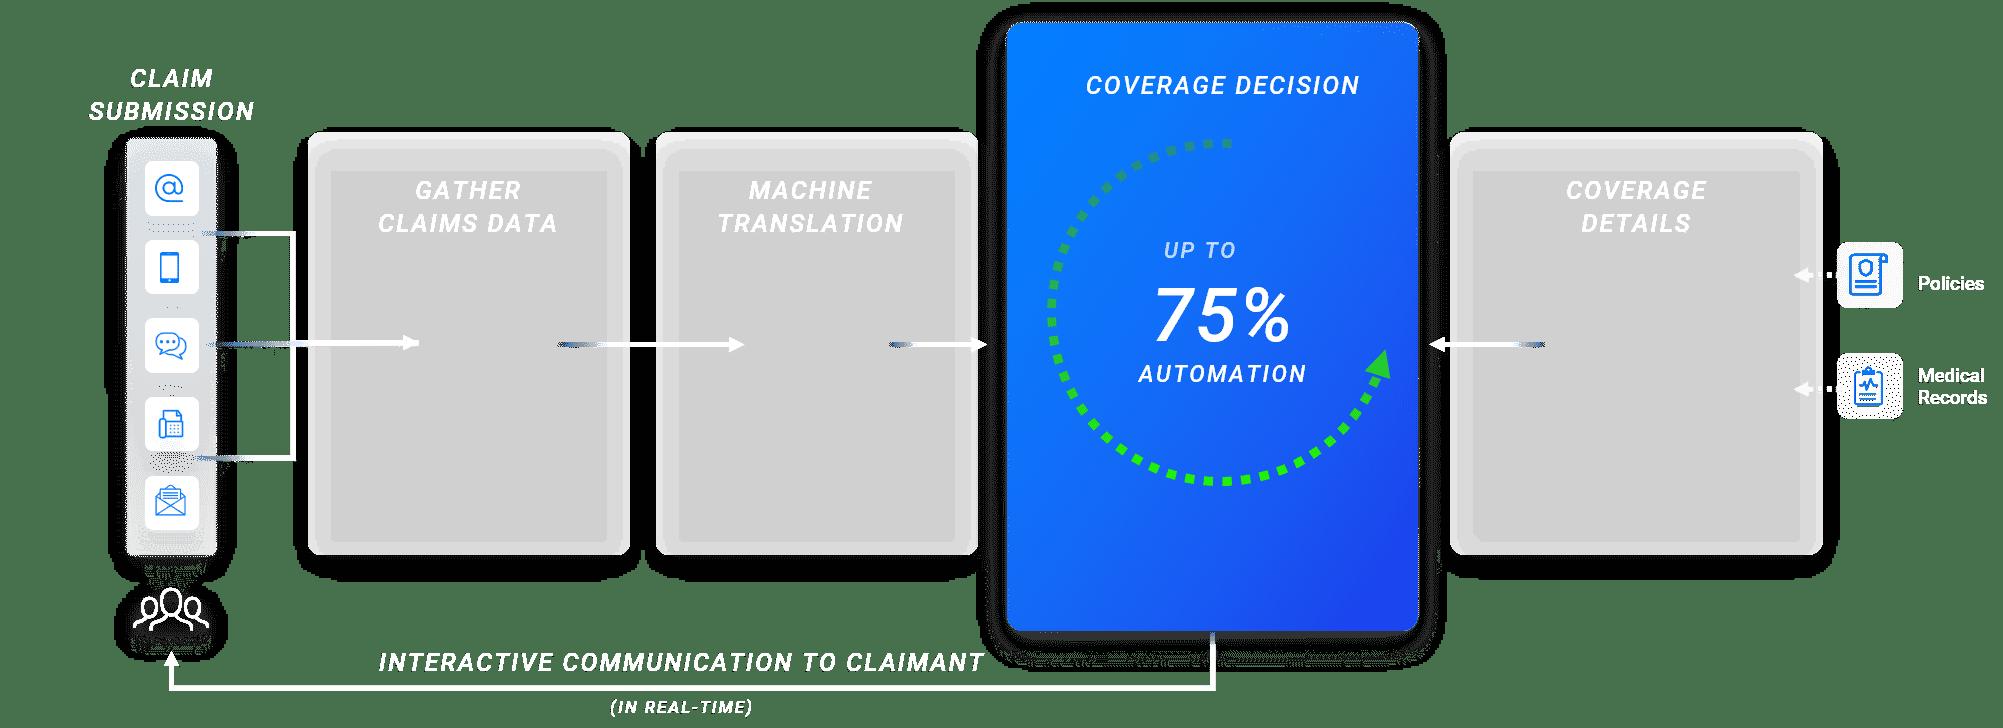 coverage decision graph